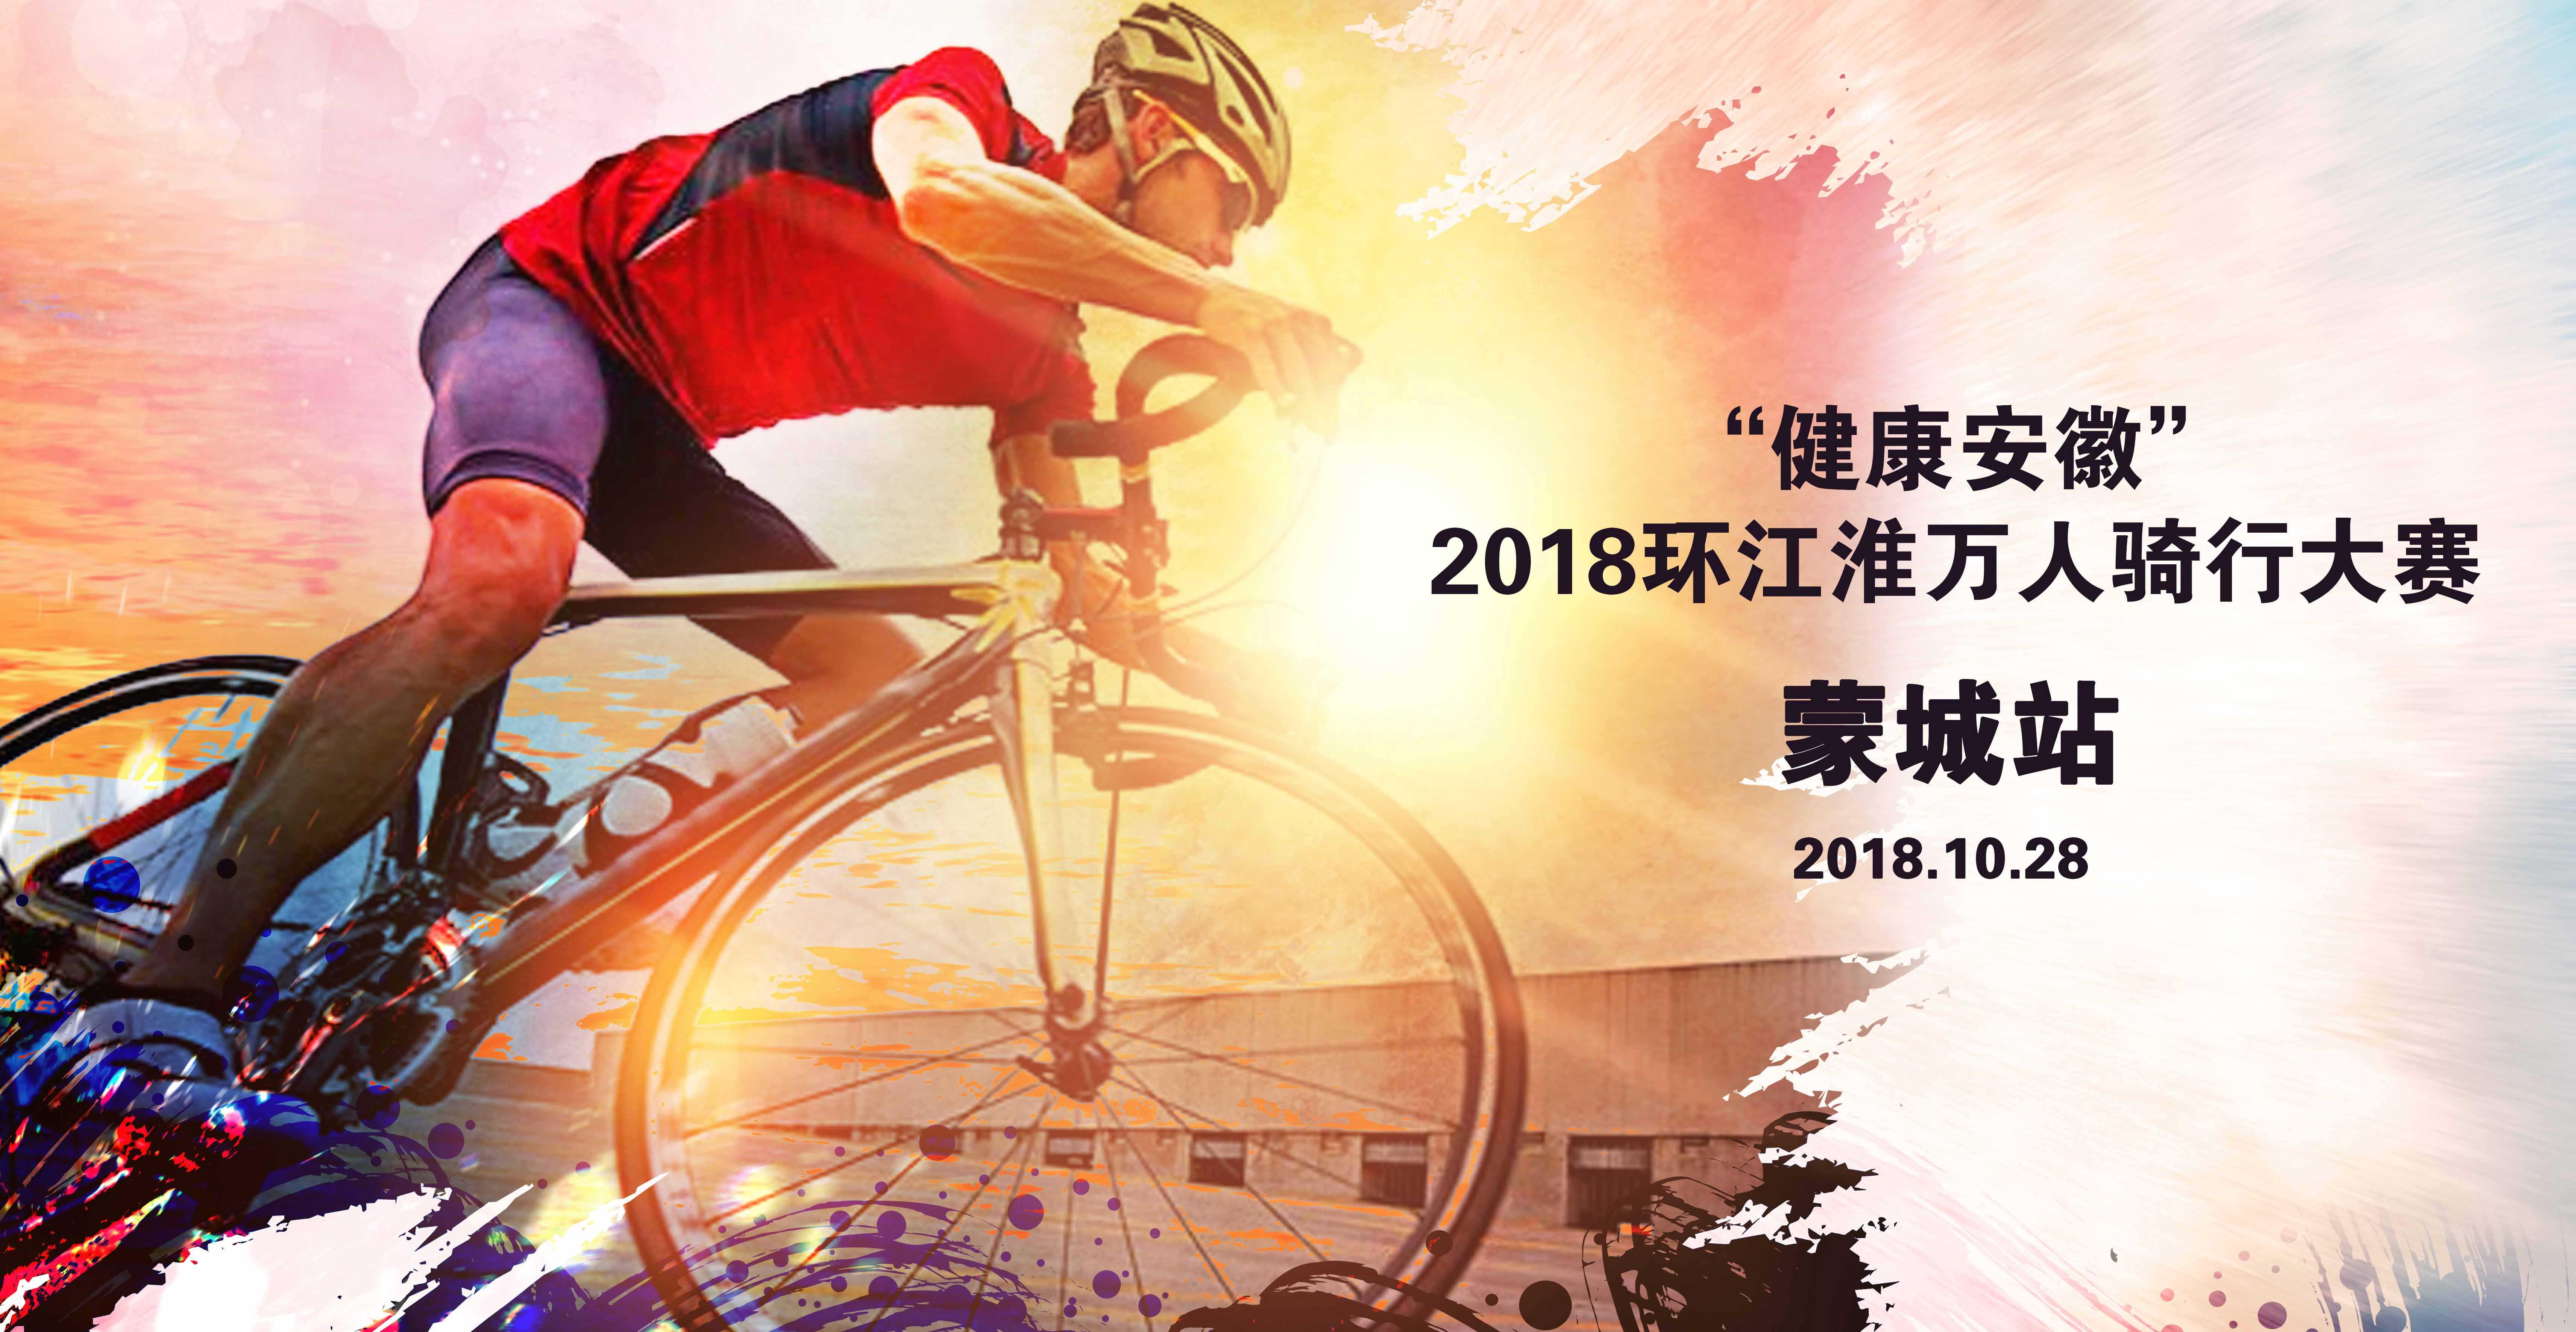 """""""健康安徽""""2018环江淮万人骑行大赛·蒙城站"""